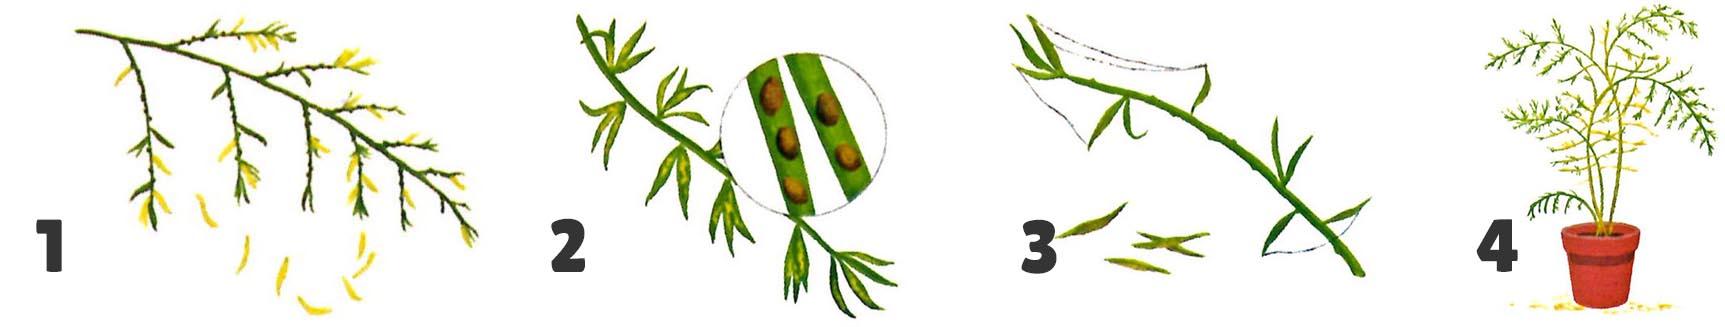 Maladies Illustration Asparagus